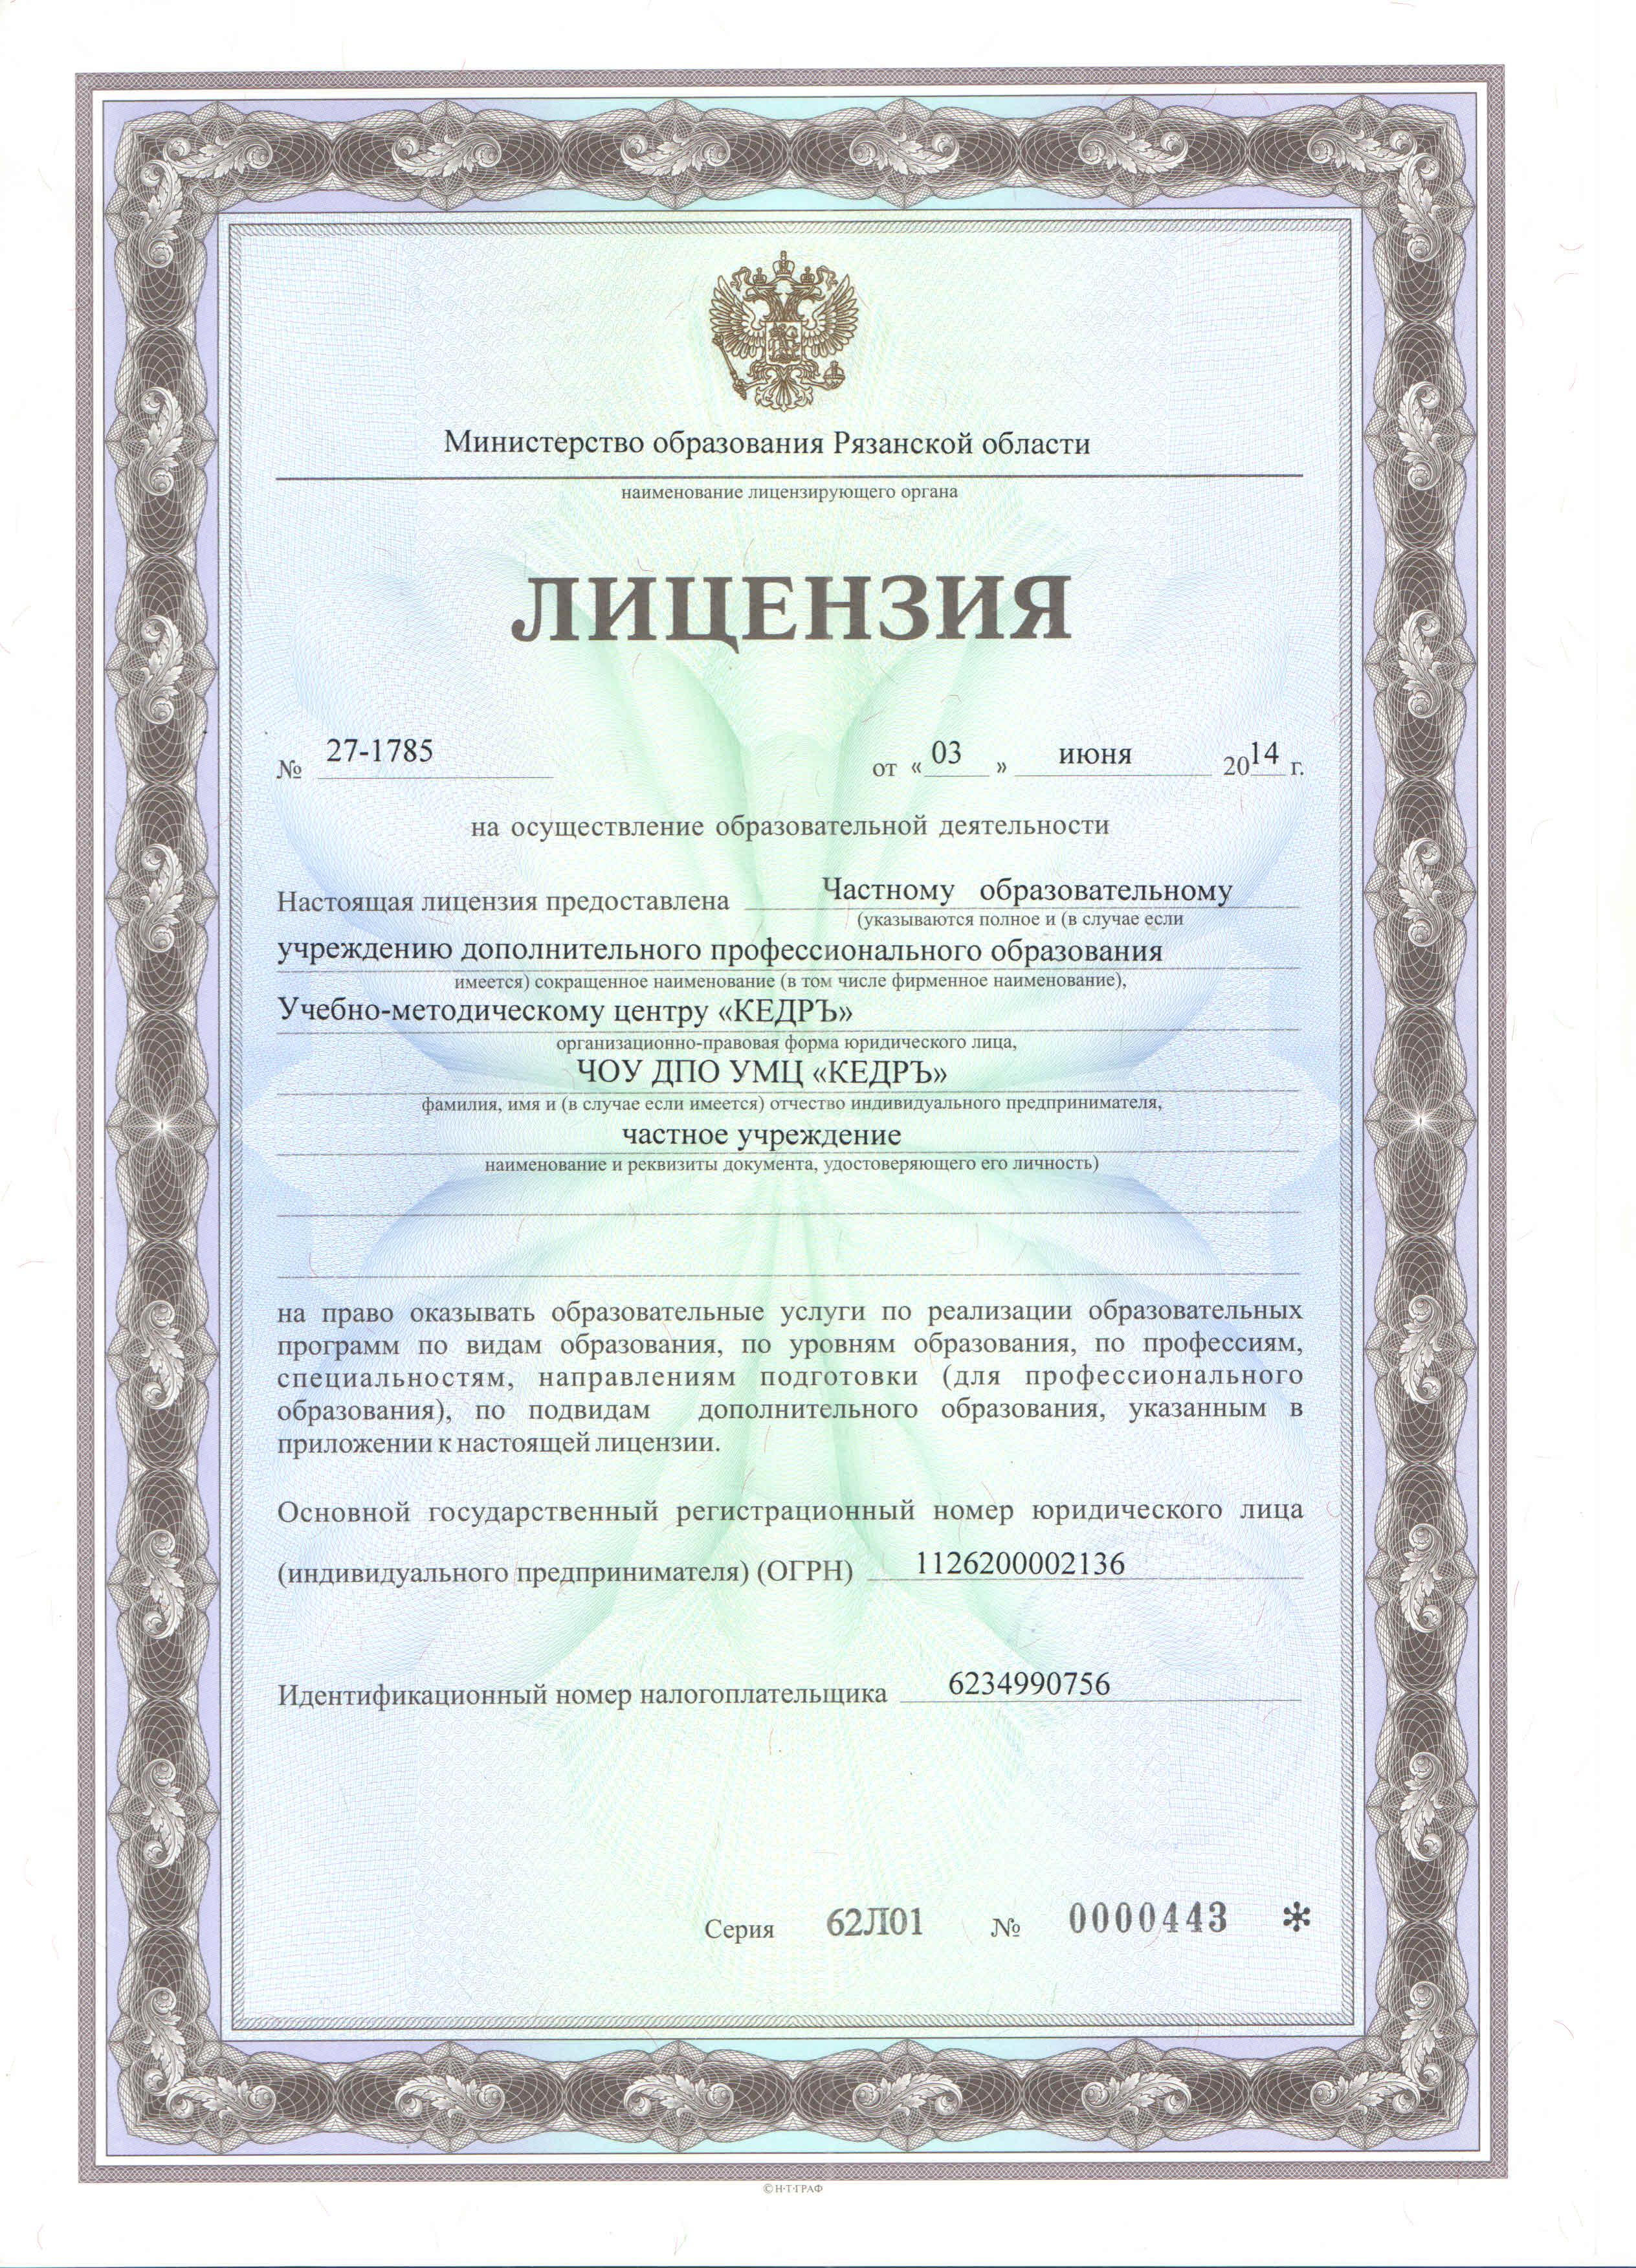 Информация о закупках ПАО НК Роснефть и